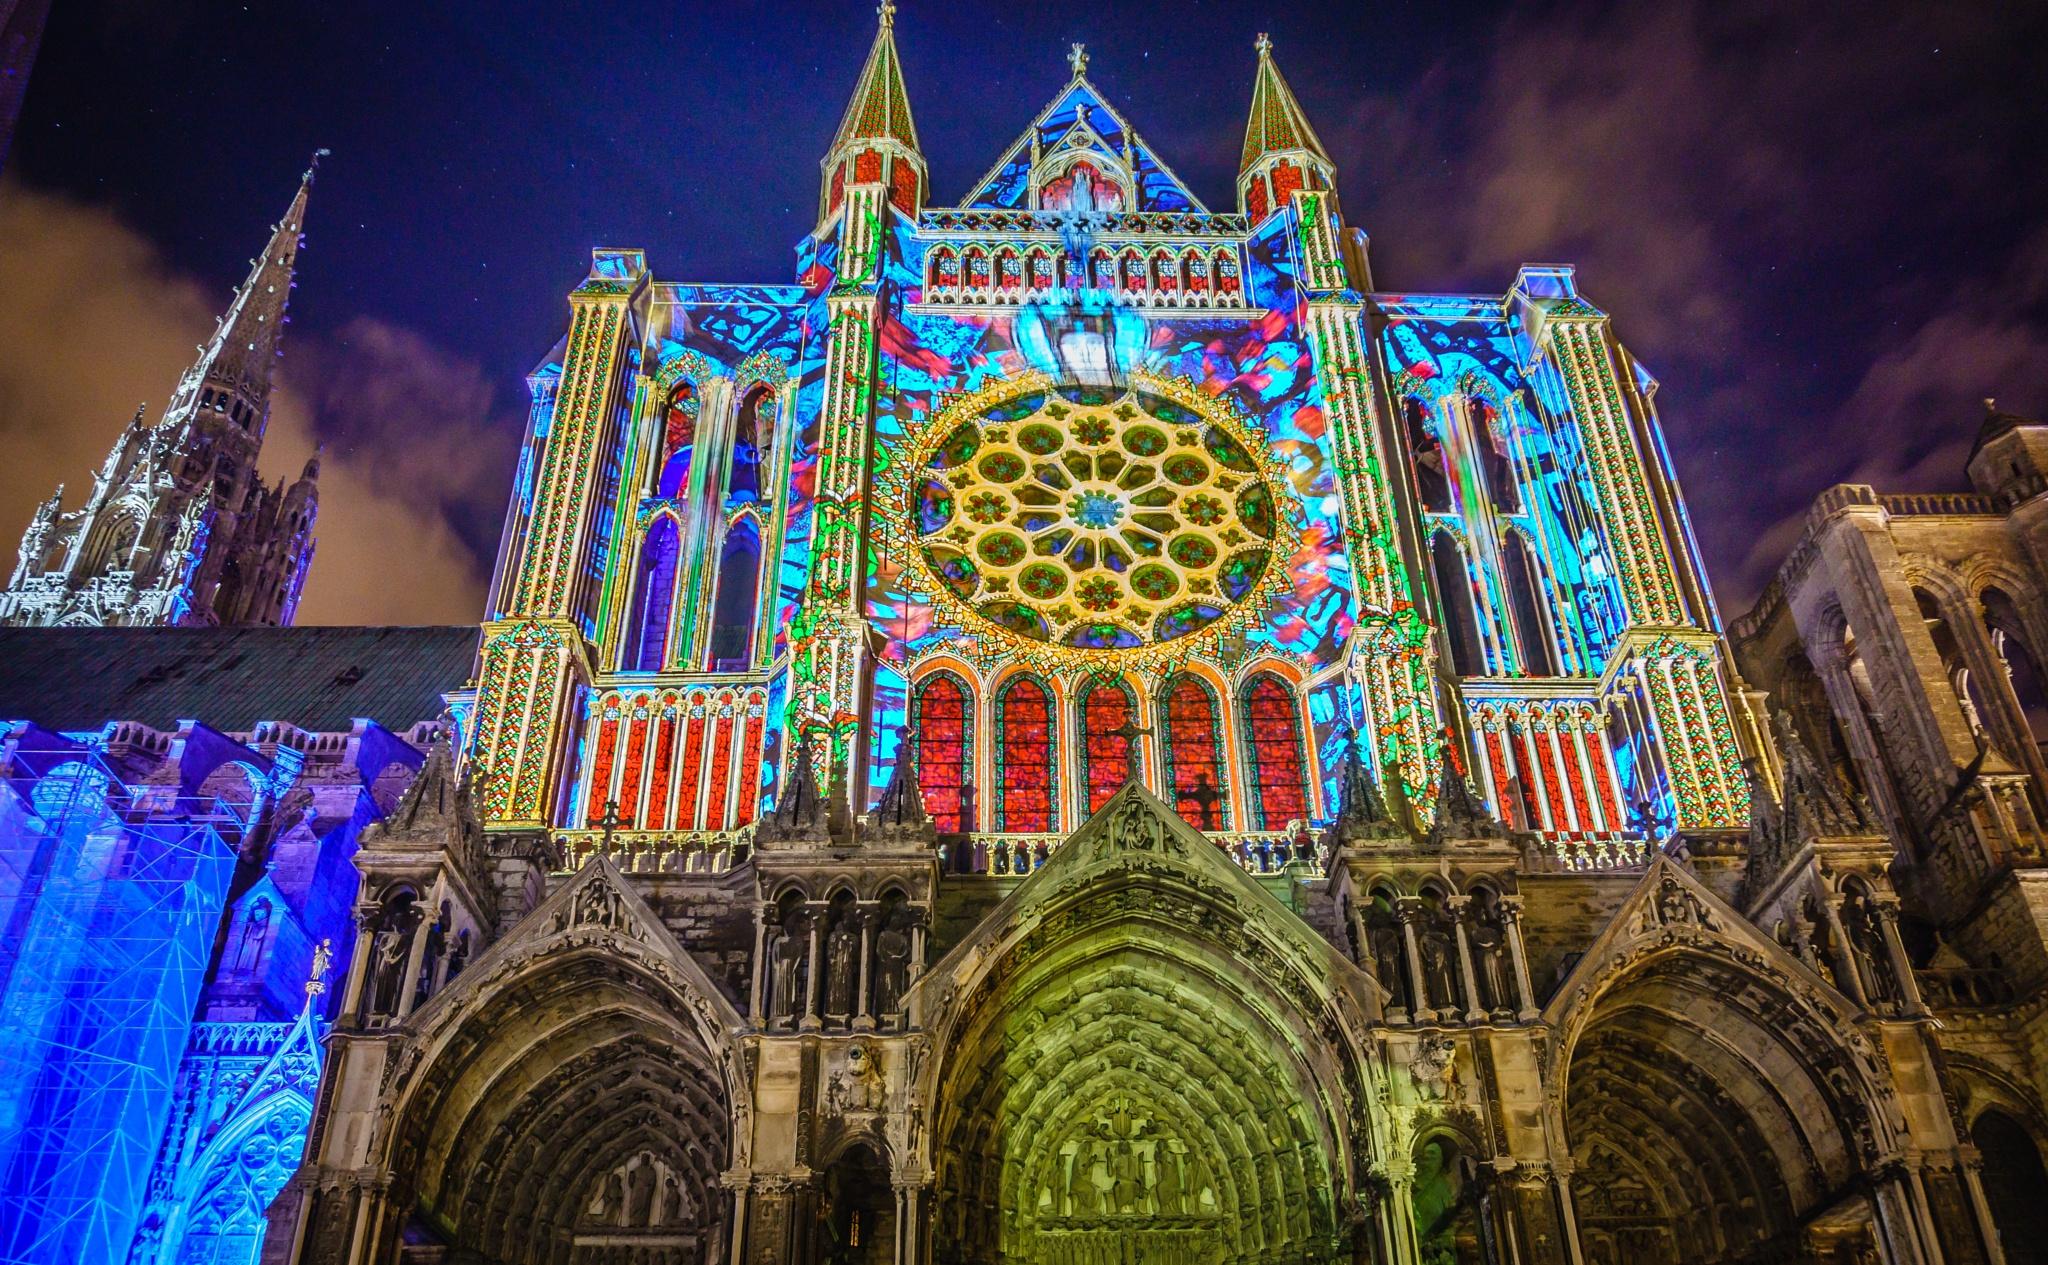 La Cathédrale en couleur by XavierBERTRAND